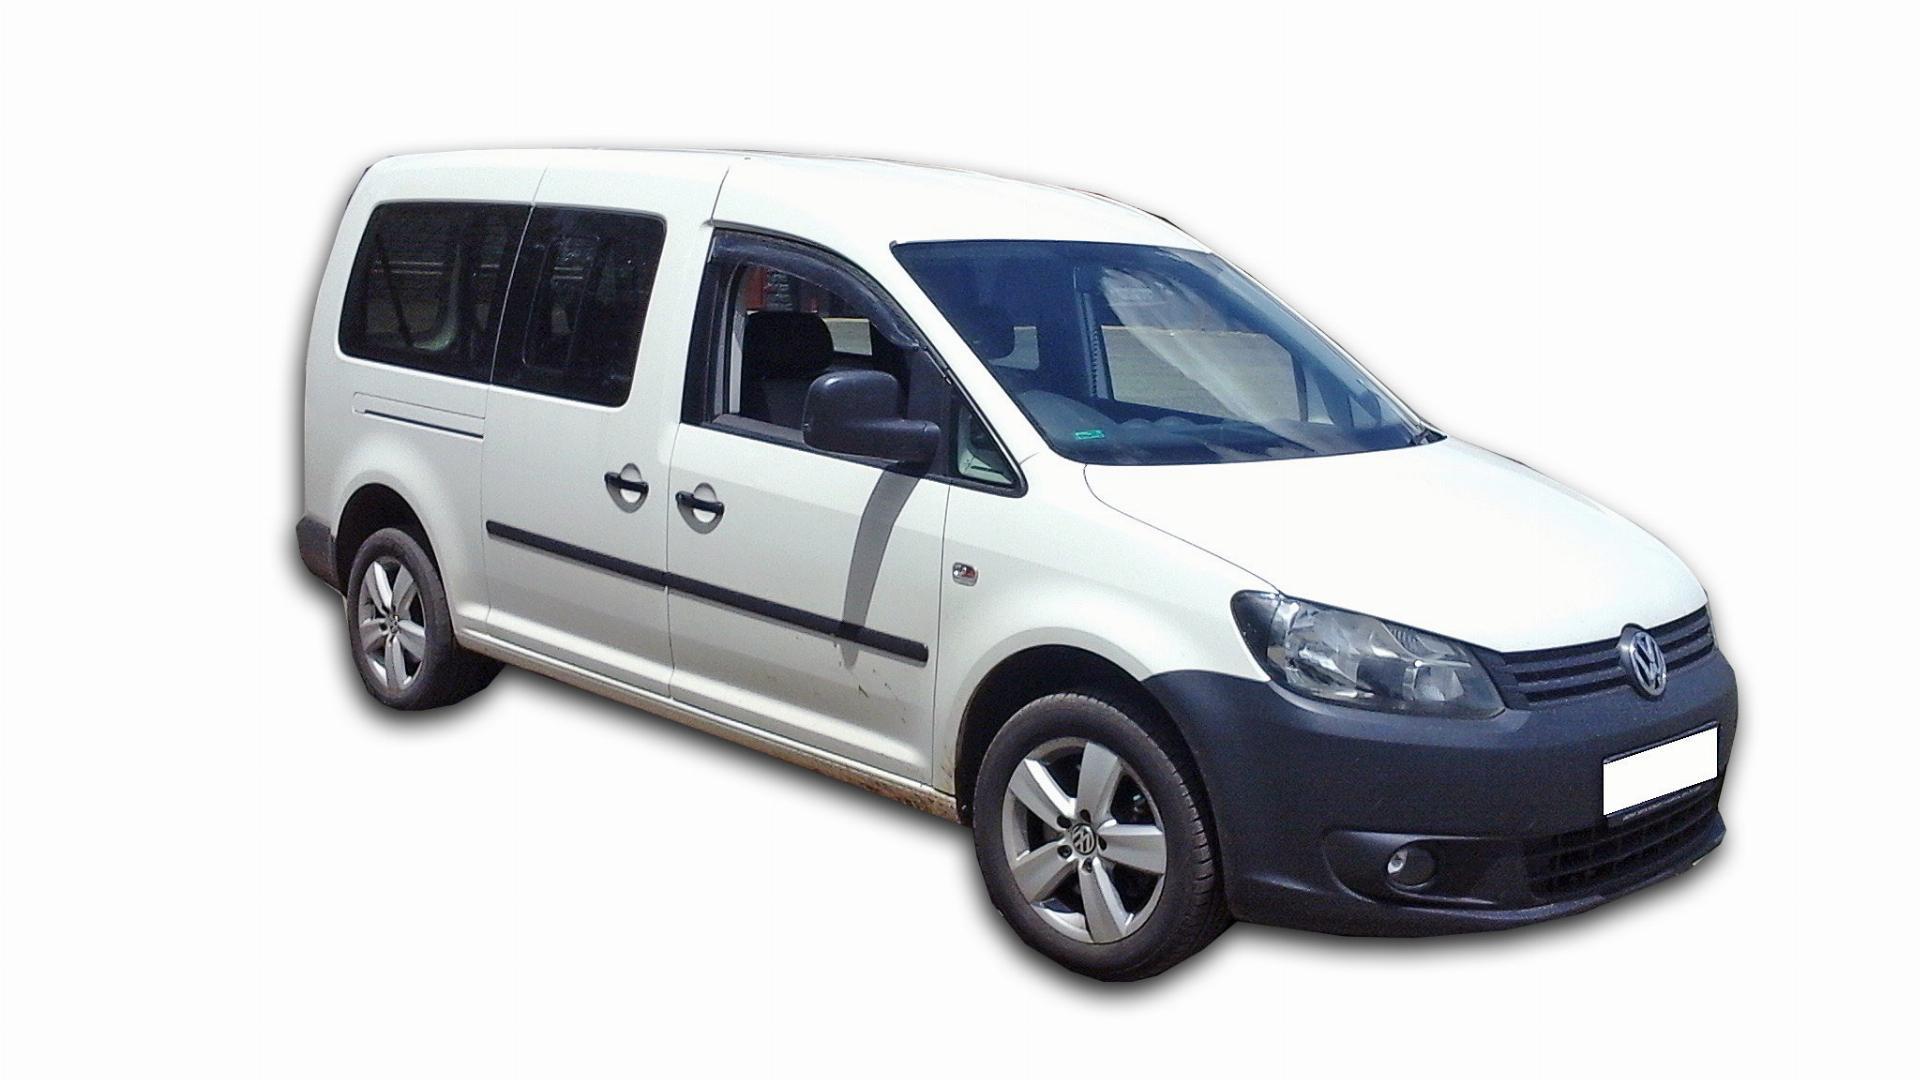 VW Caddy Maxi 2.0 Tdi Trend